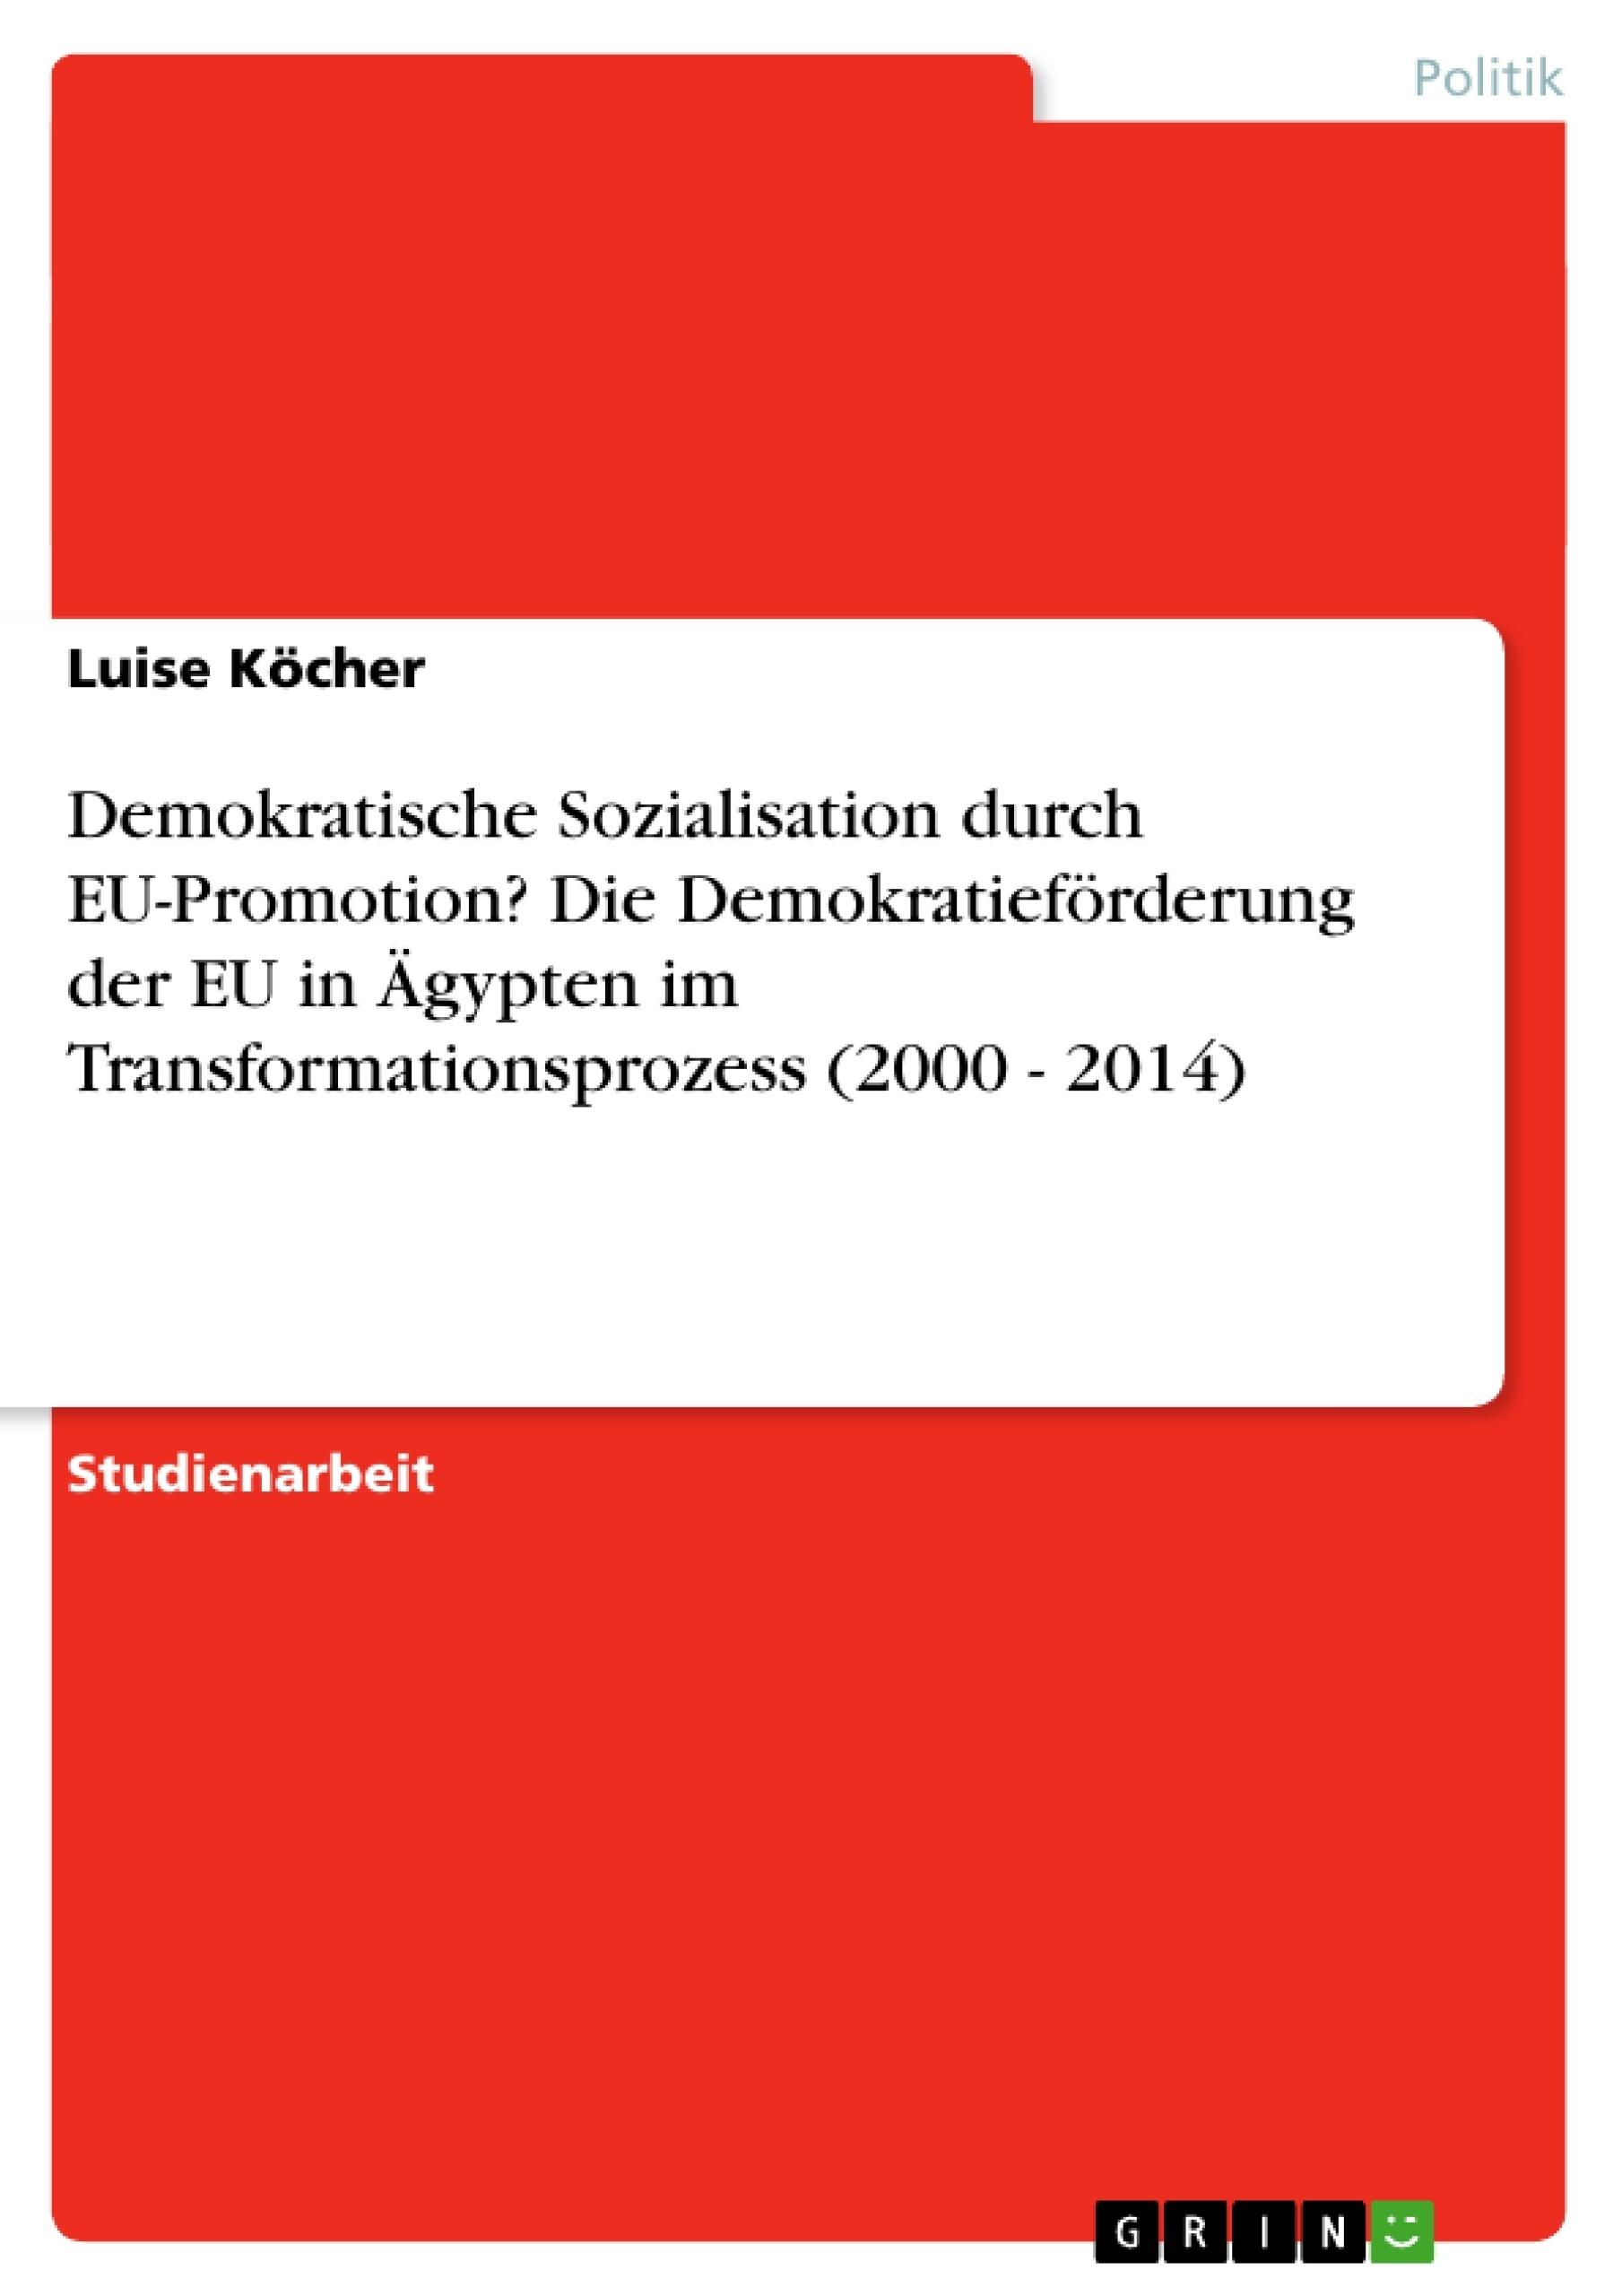 Titel: Demokratische Sozialisation durch EU-Promotion? Die Demokratieförderung der EU in Ägypten im Transformationsprozess (2000 - 2014)